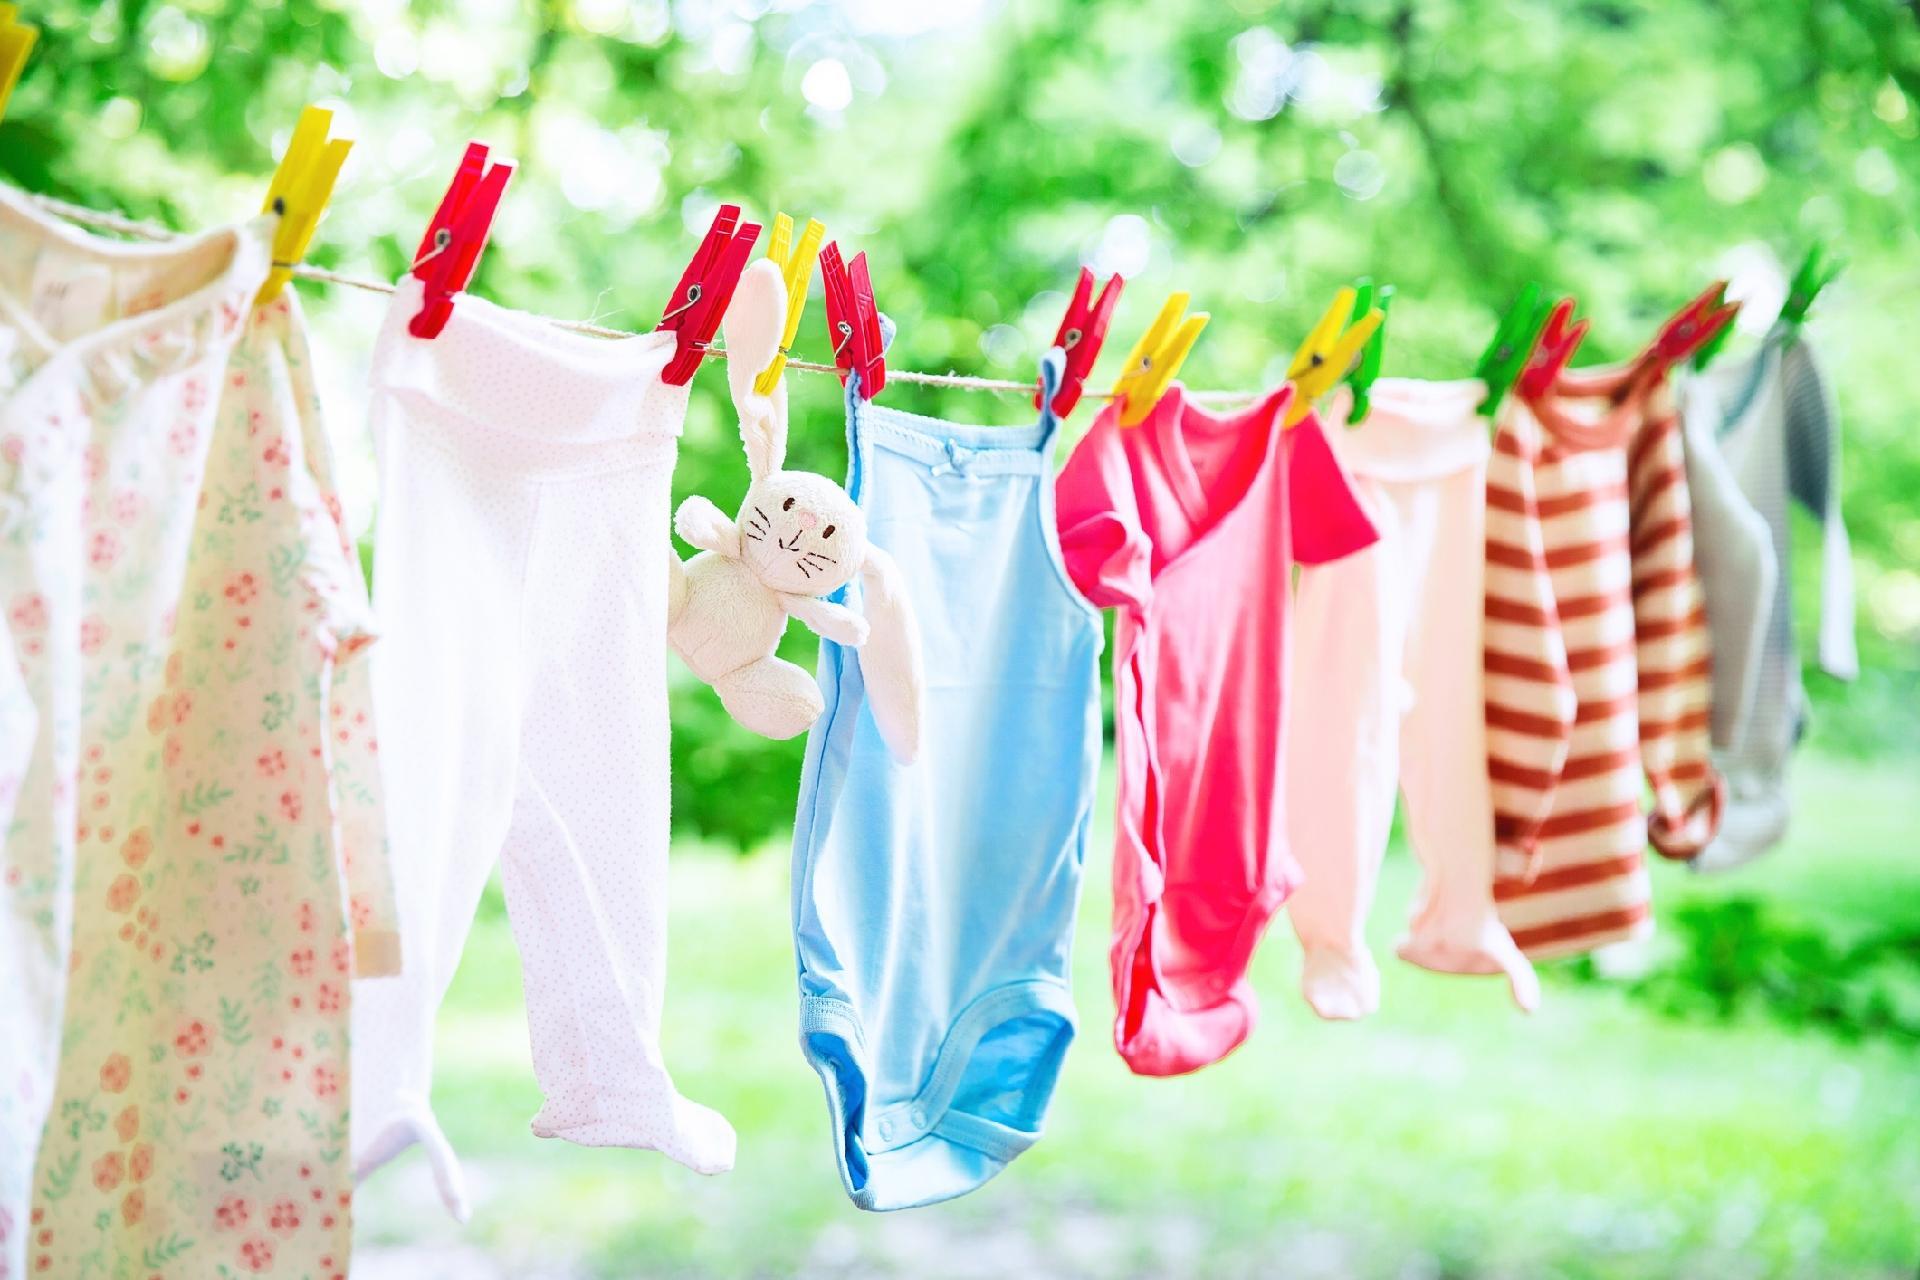 Lavar As Roupas Do Bebê Não Tem Mistério Mas Precisa De